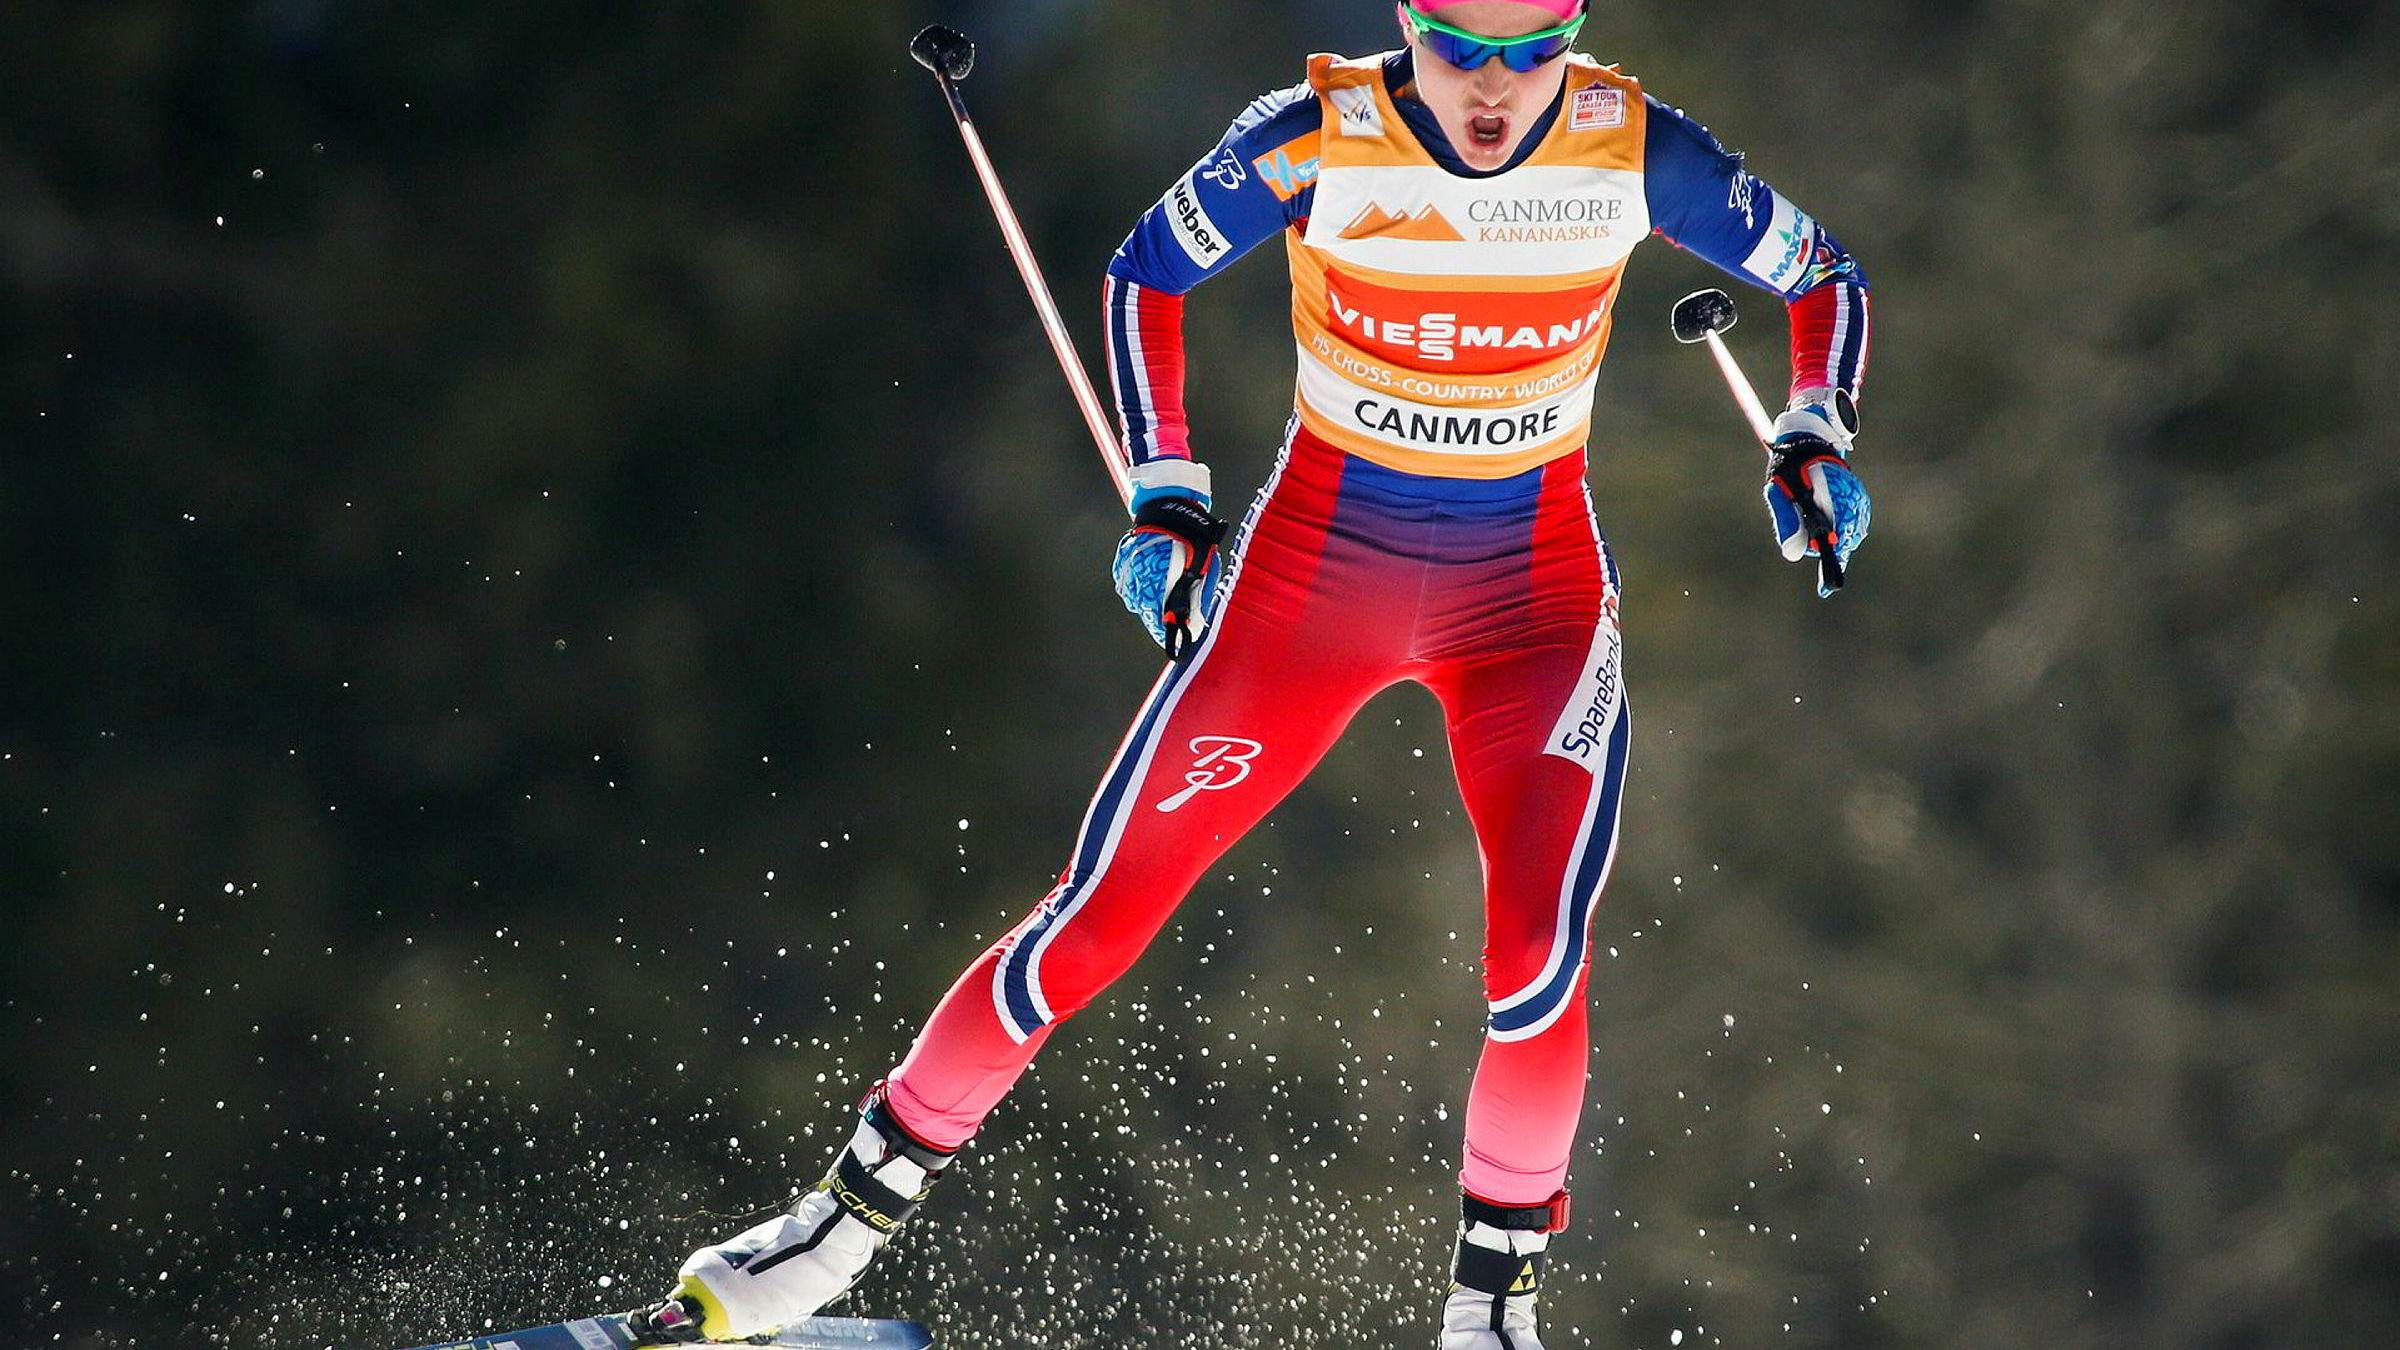 Therese Johaug avsluttet sist sesong med seier i Tour of Canada. Det førte til at hun gikk inn 3,7 millioner kroner i premiepenger totalt sett gjennom vinteren. Det utløste også millionbonuser fra sponsorene.